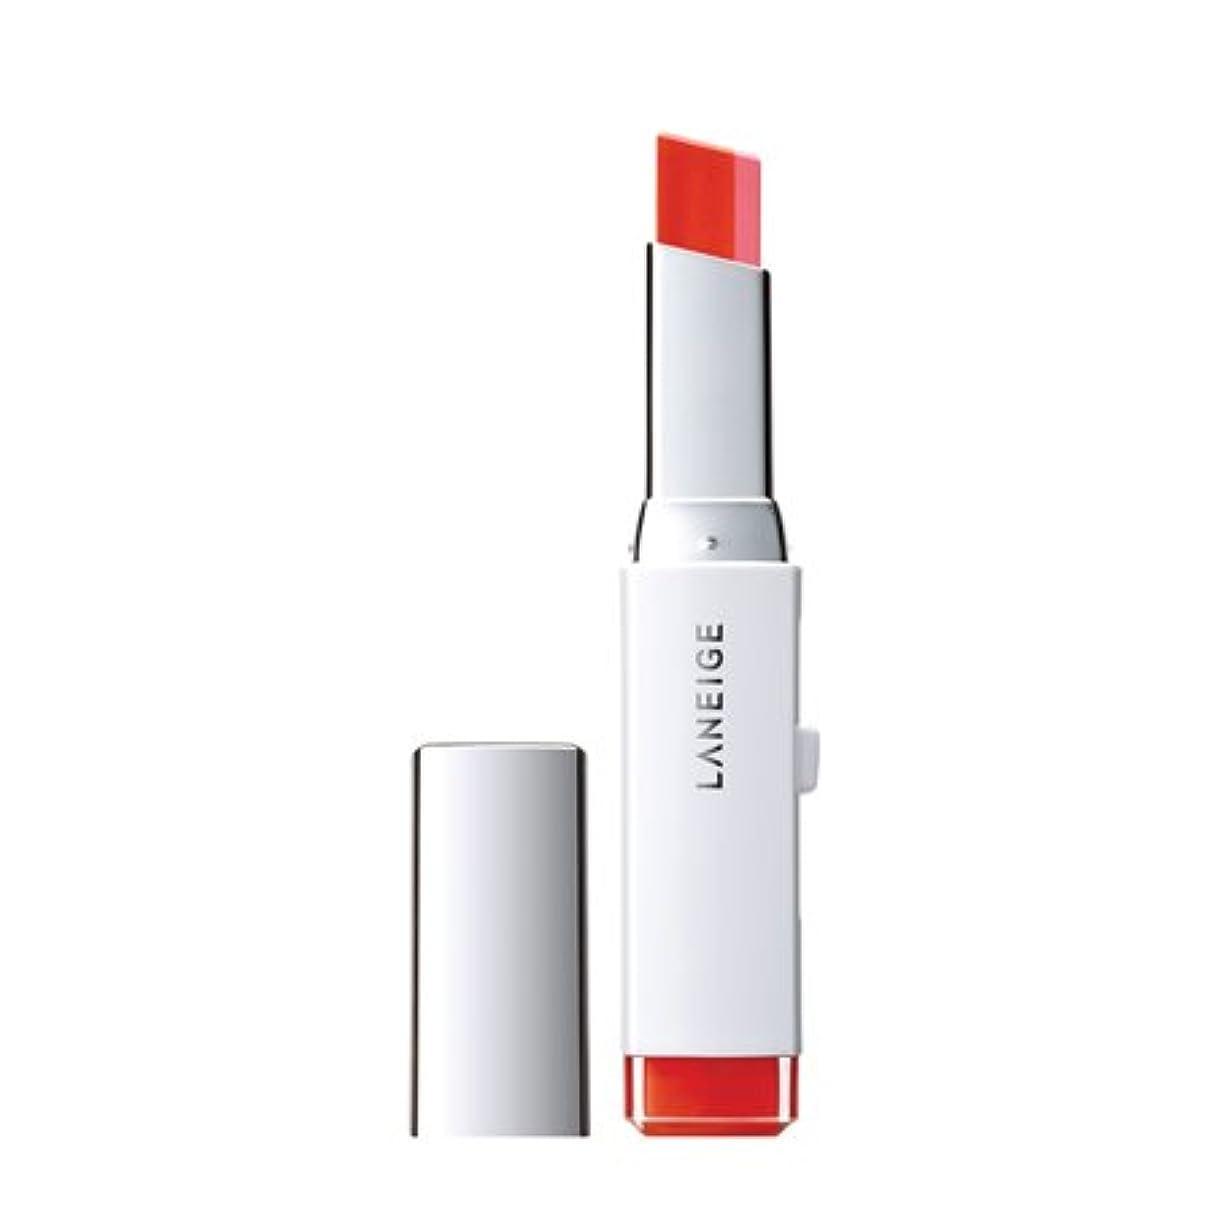 広告するごちそう宴会ラネージュ(LANEIGE)ツートーンリップバー(Two tone lip bar)2g カラー:3号 ピンクシャルマン